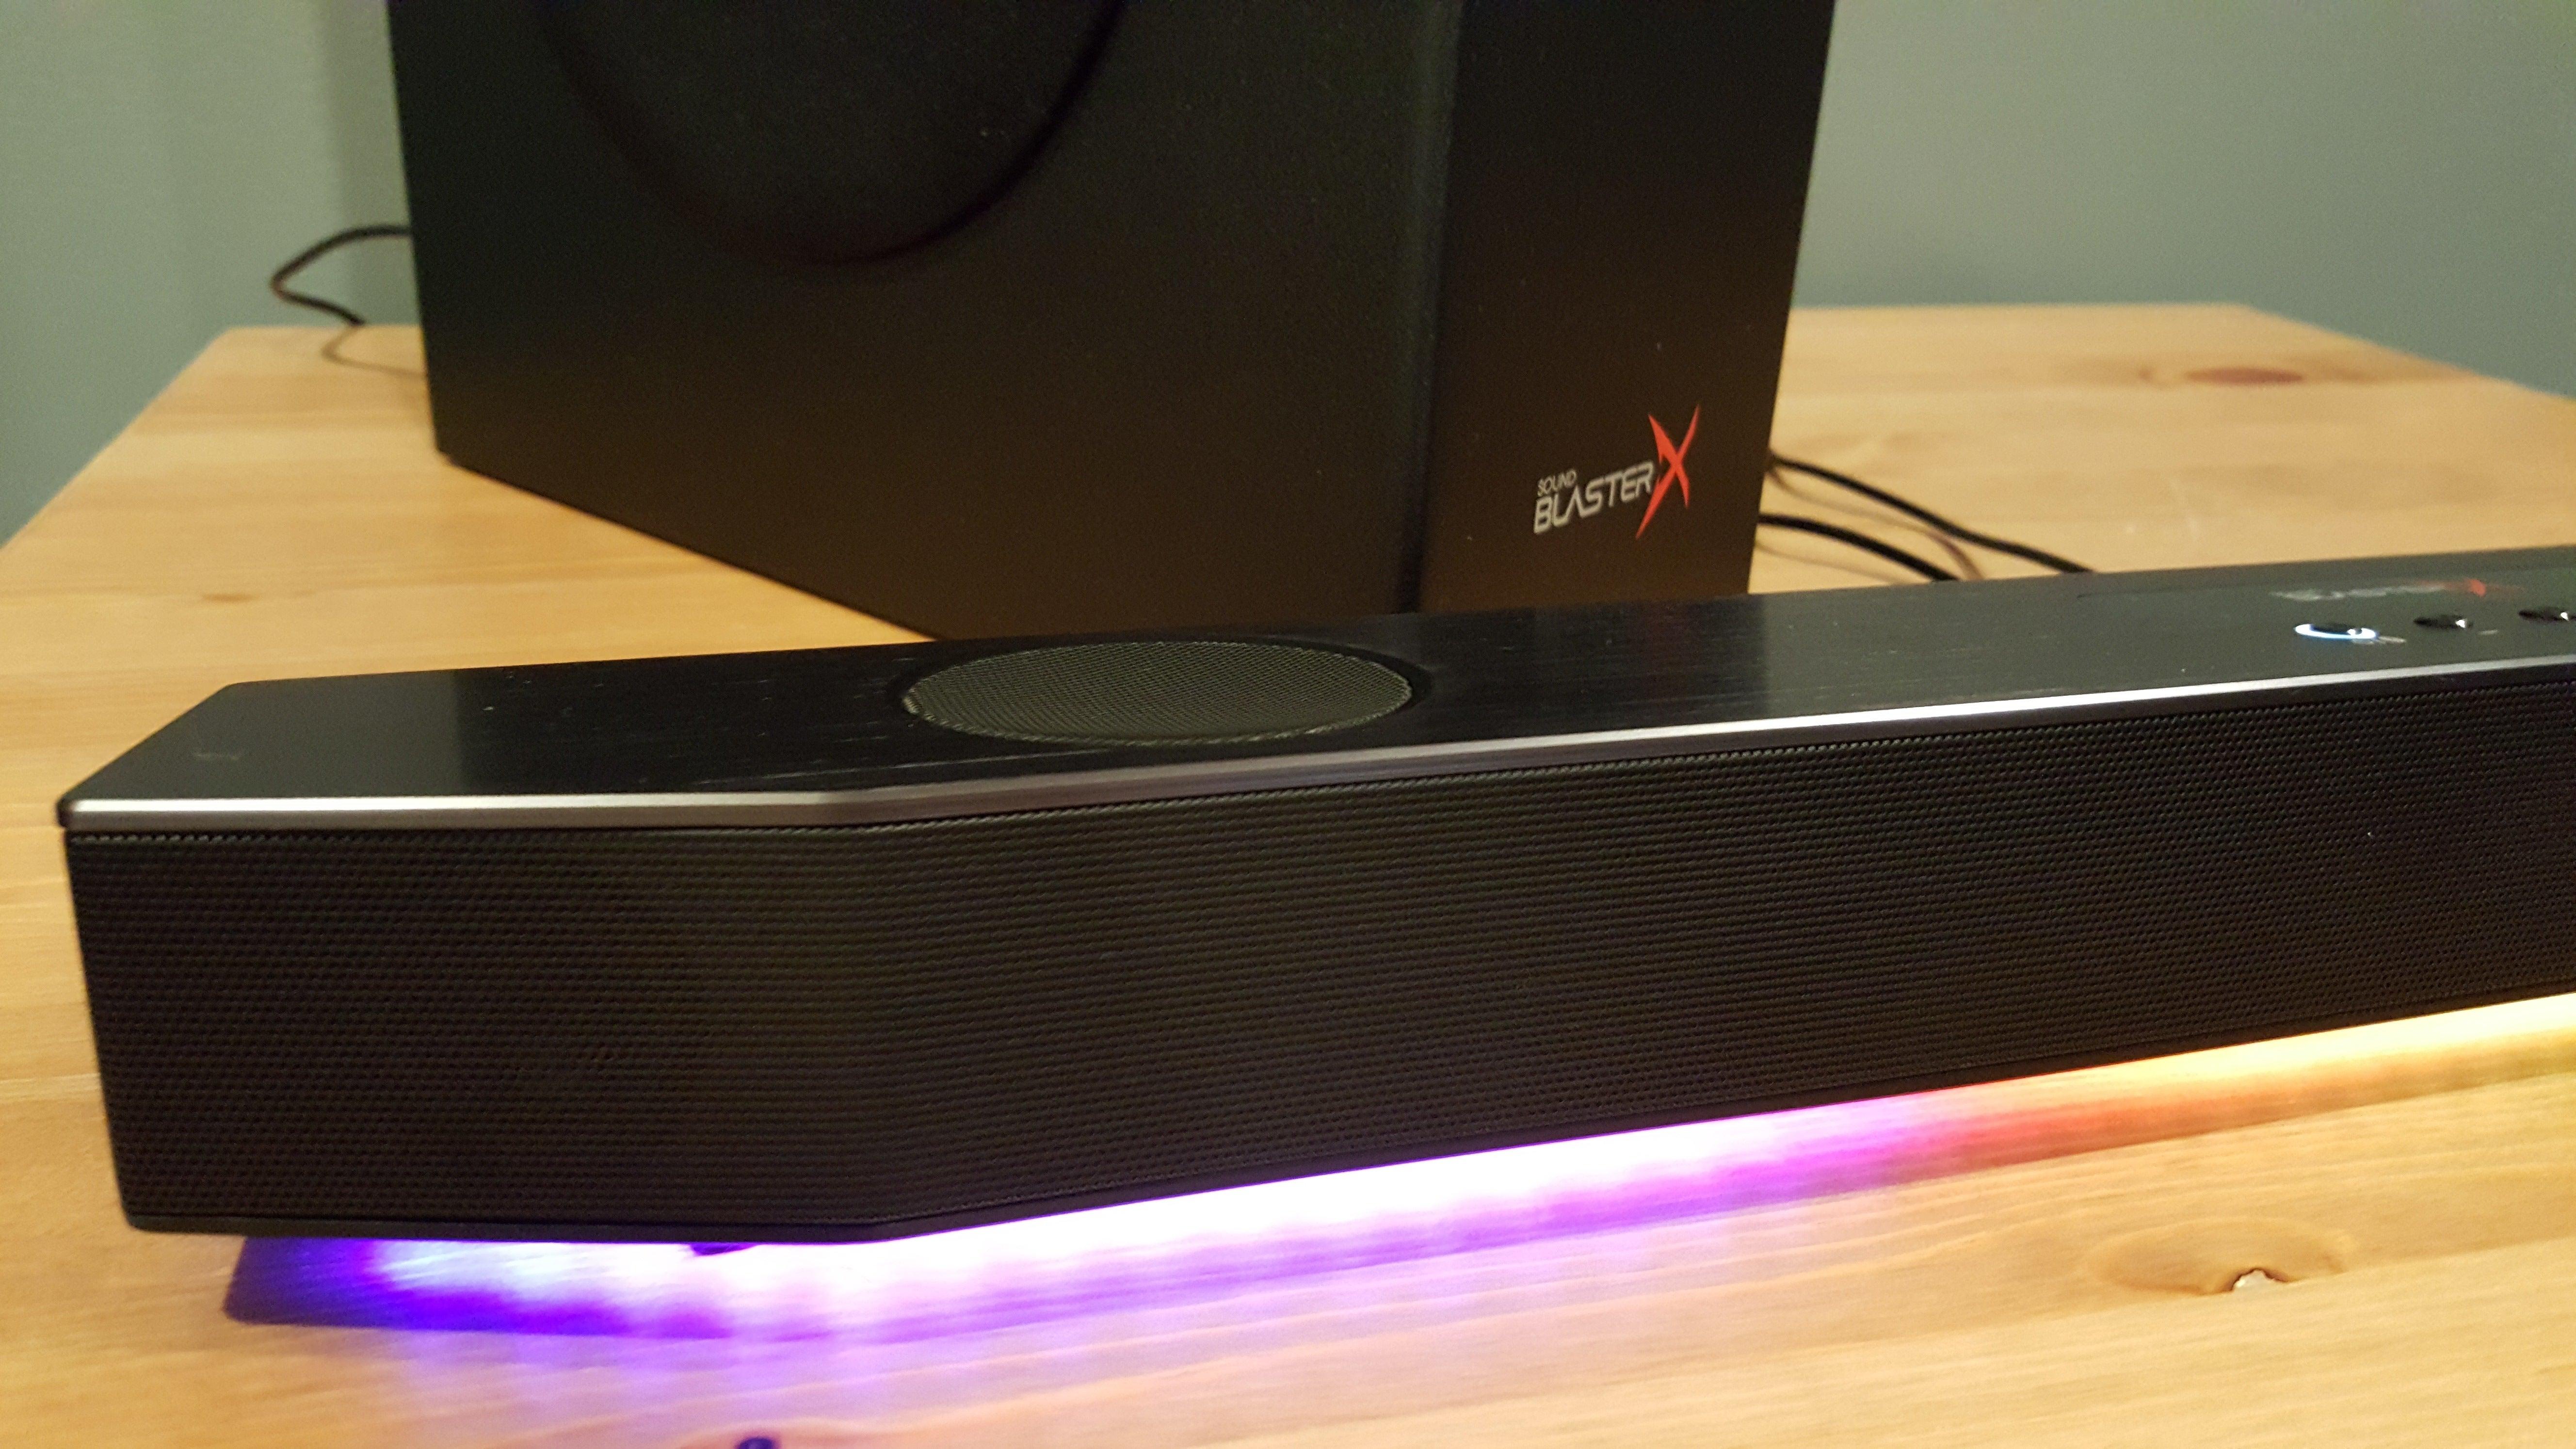 d5221e60e2b Creative Sound BlasterX Katana review  The soundbar finally makes ...